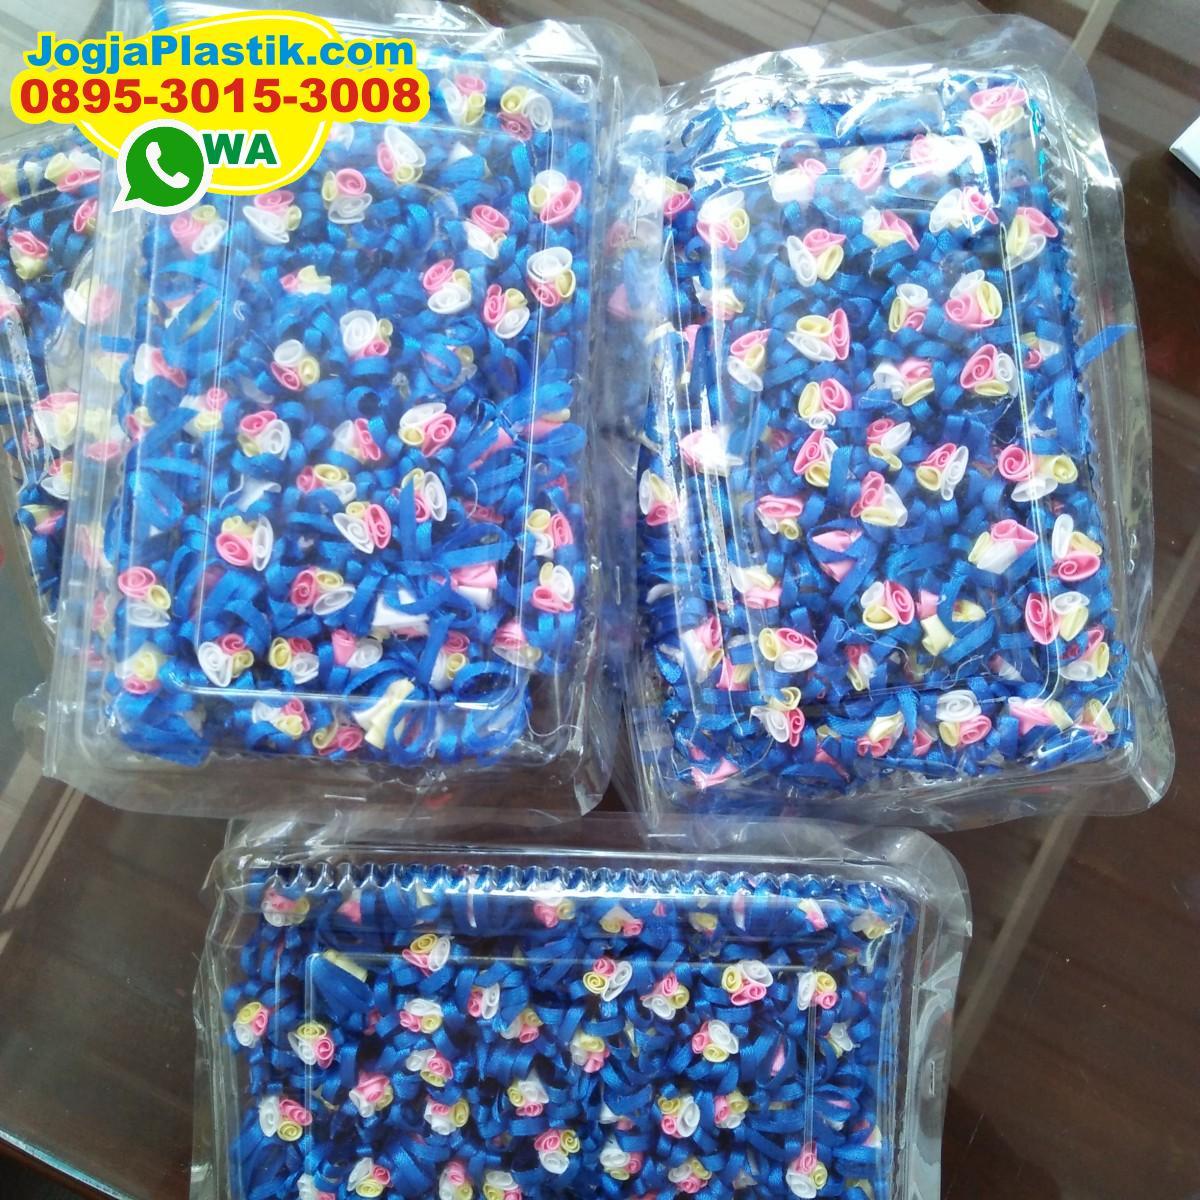 Bunga 3 Kuncup Warna Biru Tua Jogjaplastik 0896 6848 7310 Wa